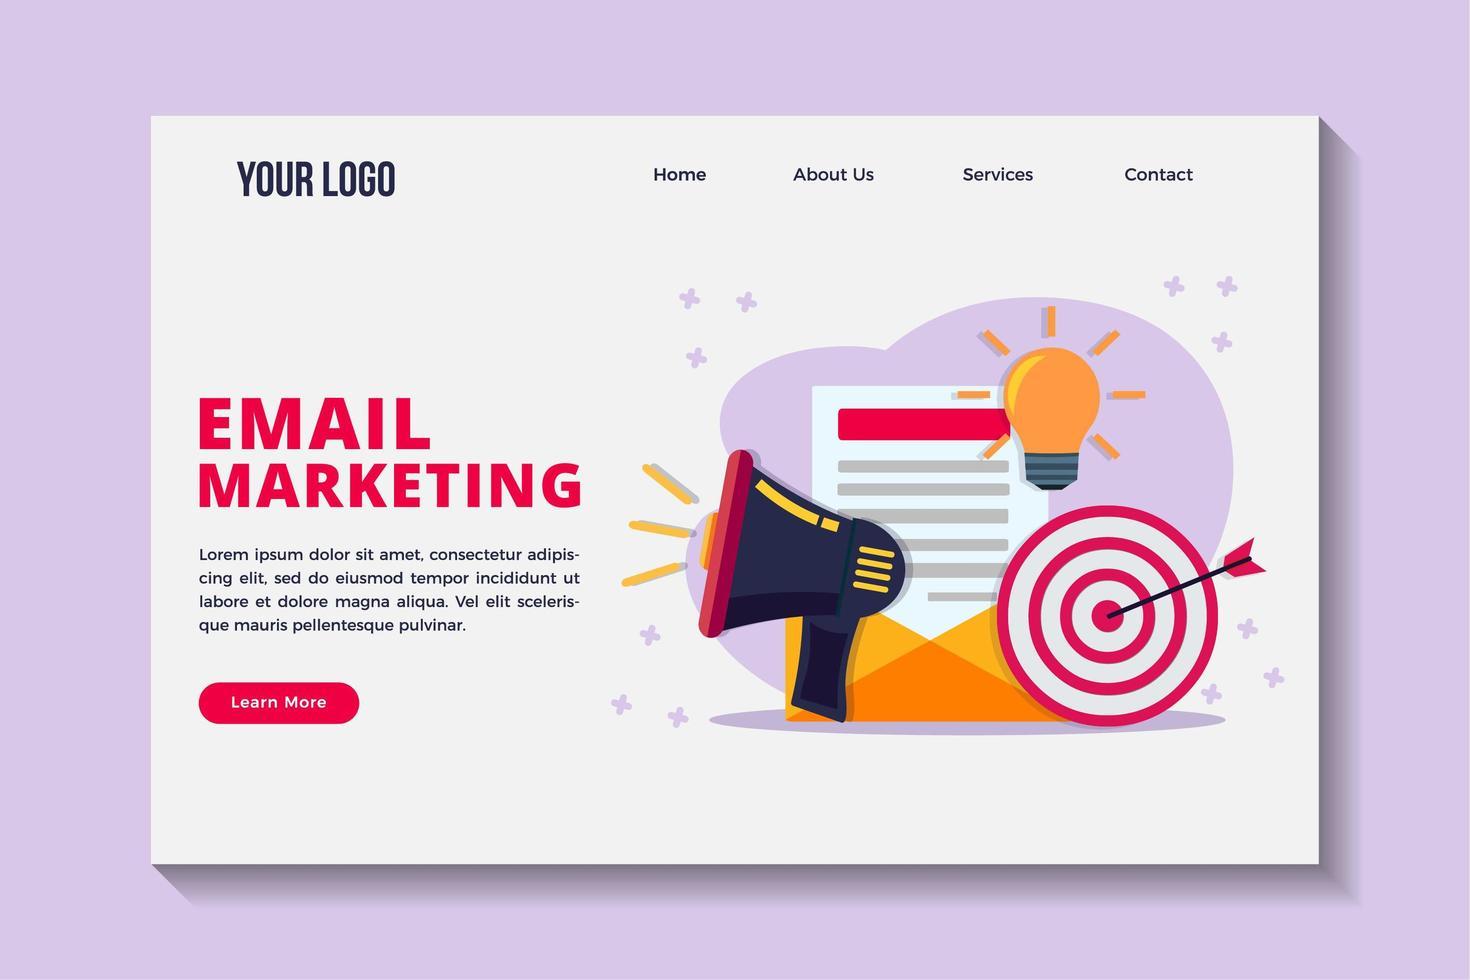 modelo de página de destino de conceito de marketing por e-mail vetor